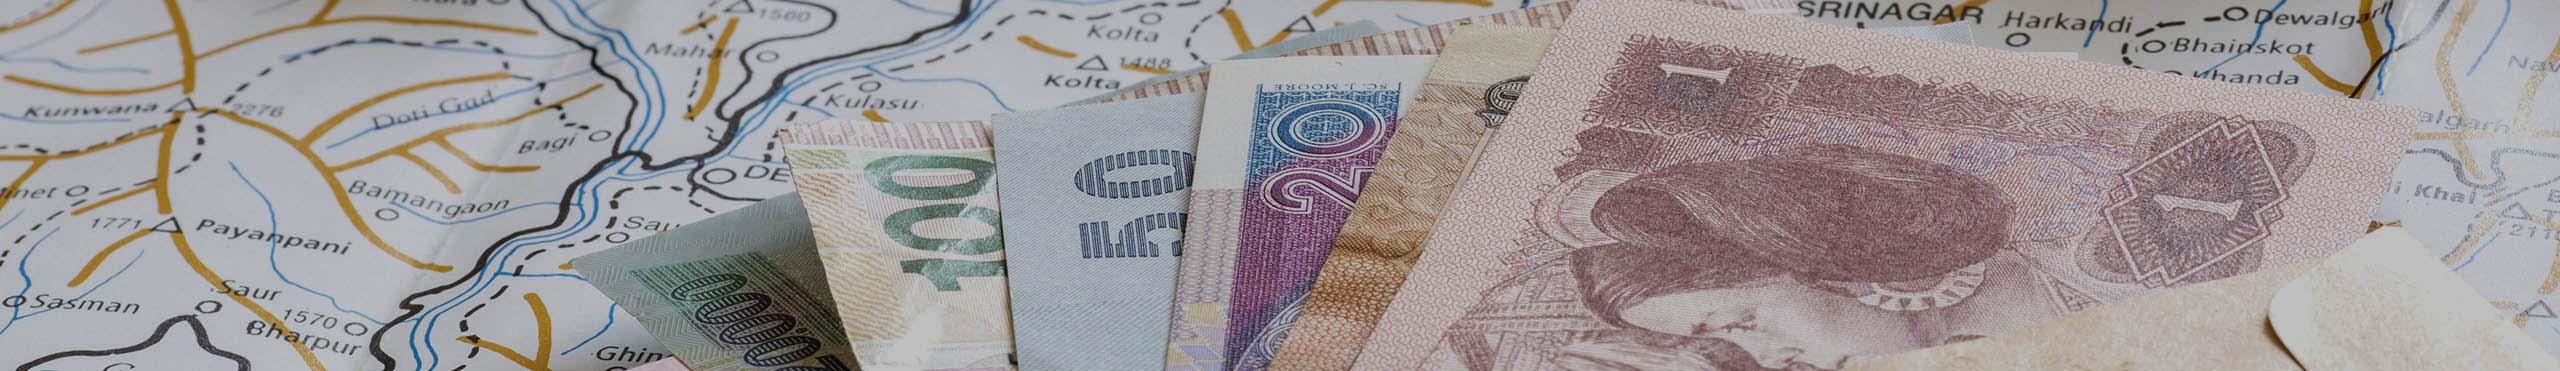 Immobilier : Êtes-vous prêt à investir à l'étranger ?